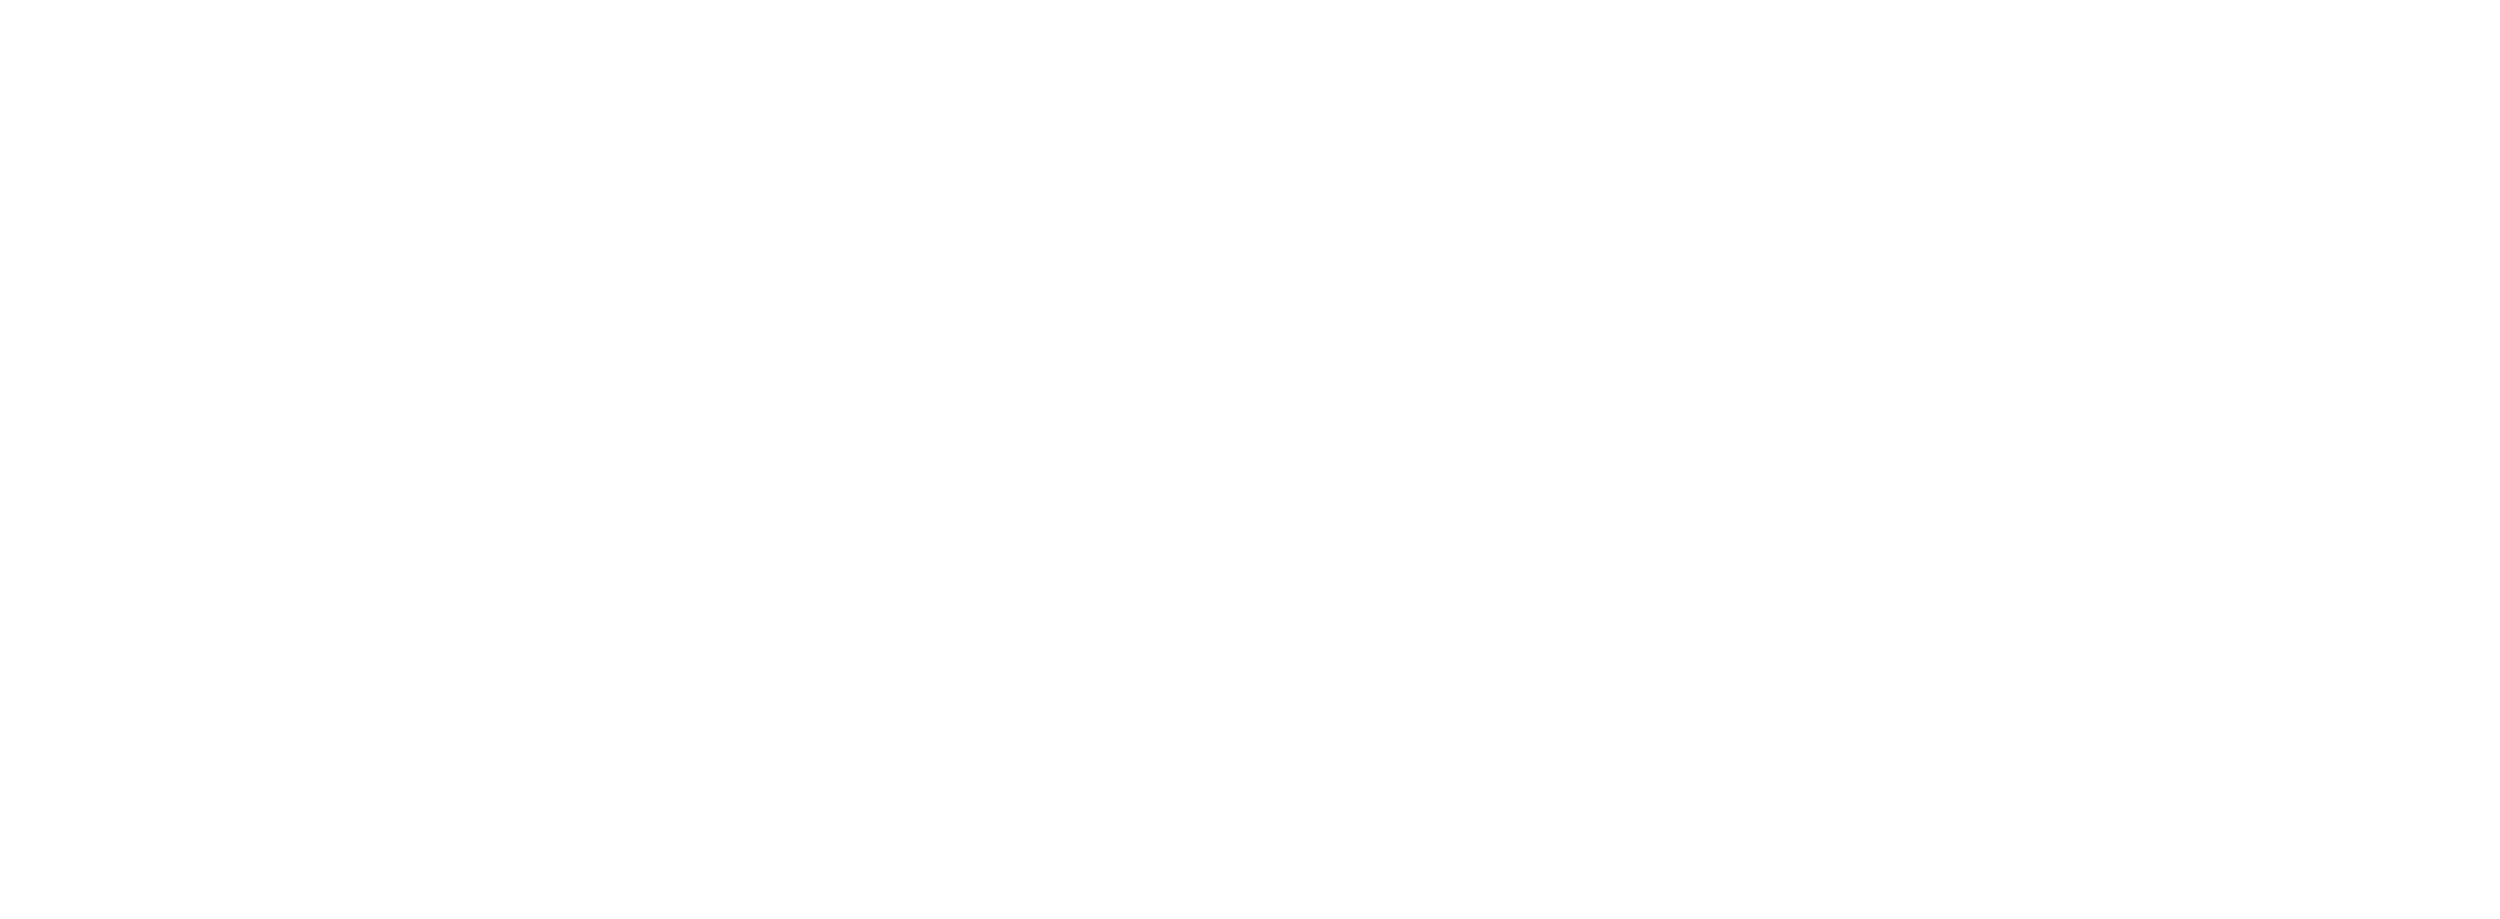 Swartz Restoration and Emergency Services